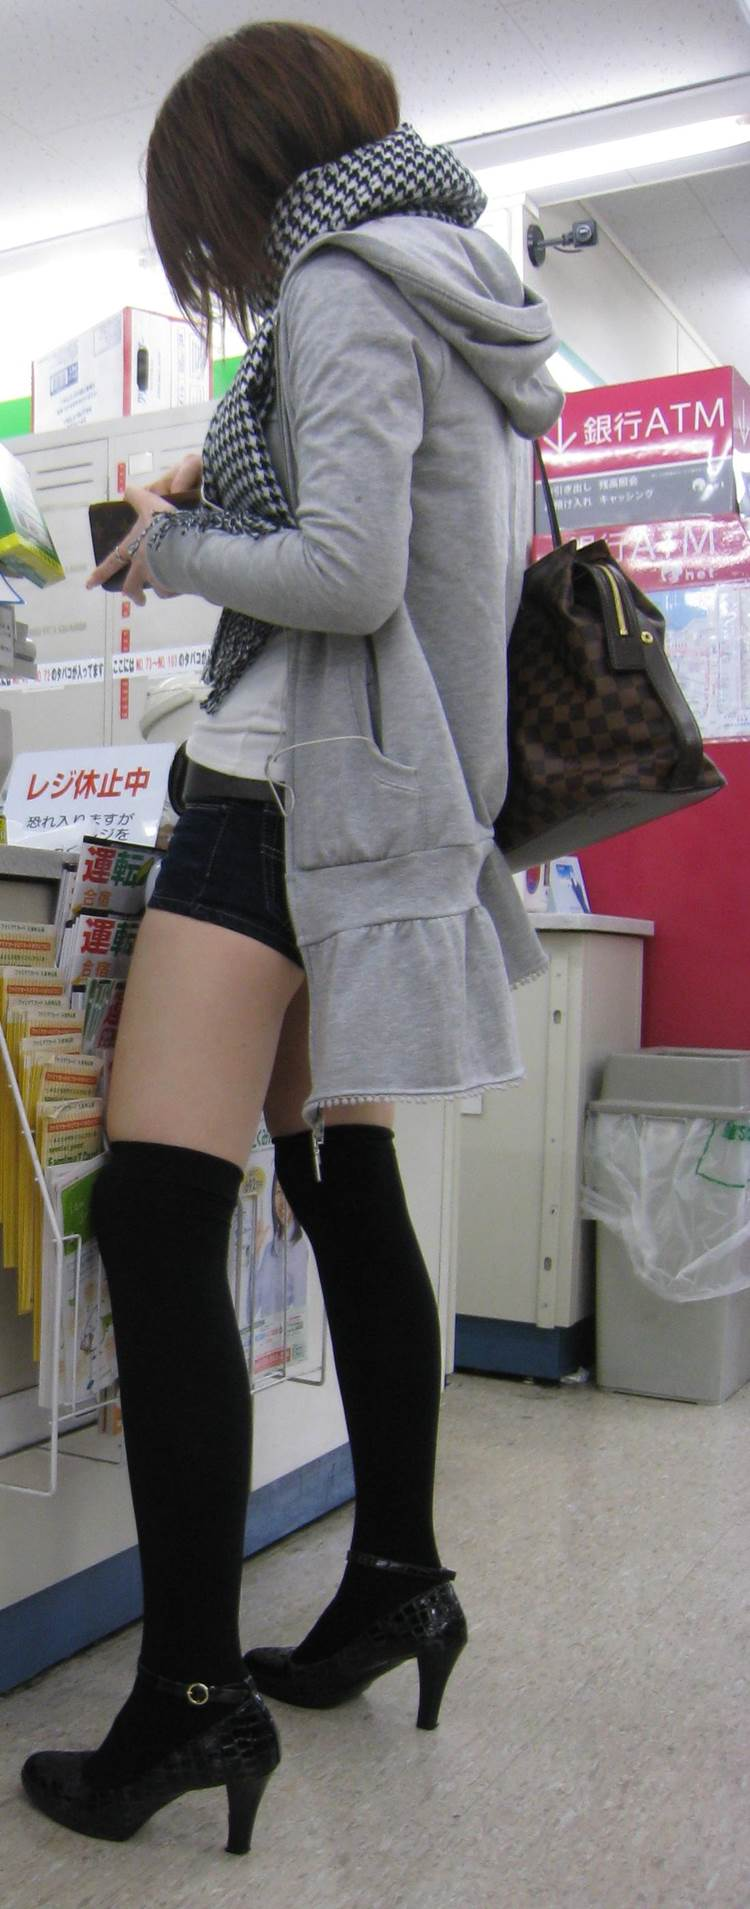 素人_ニーソックス_街撮り_盗撮_エロ画像07